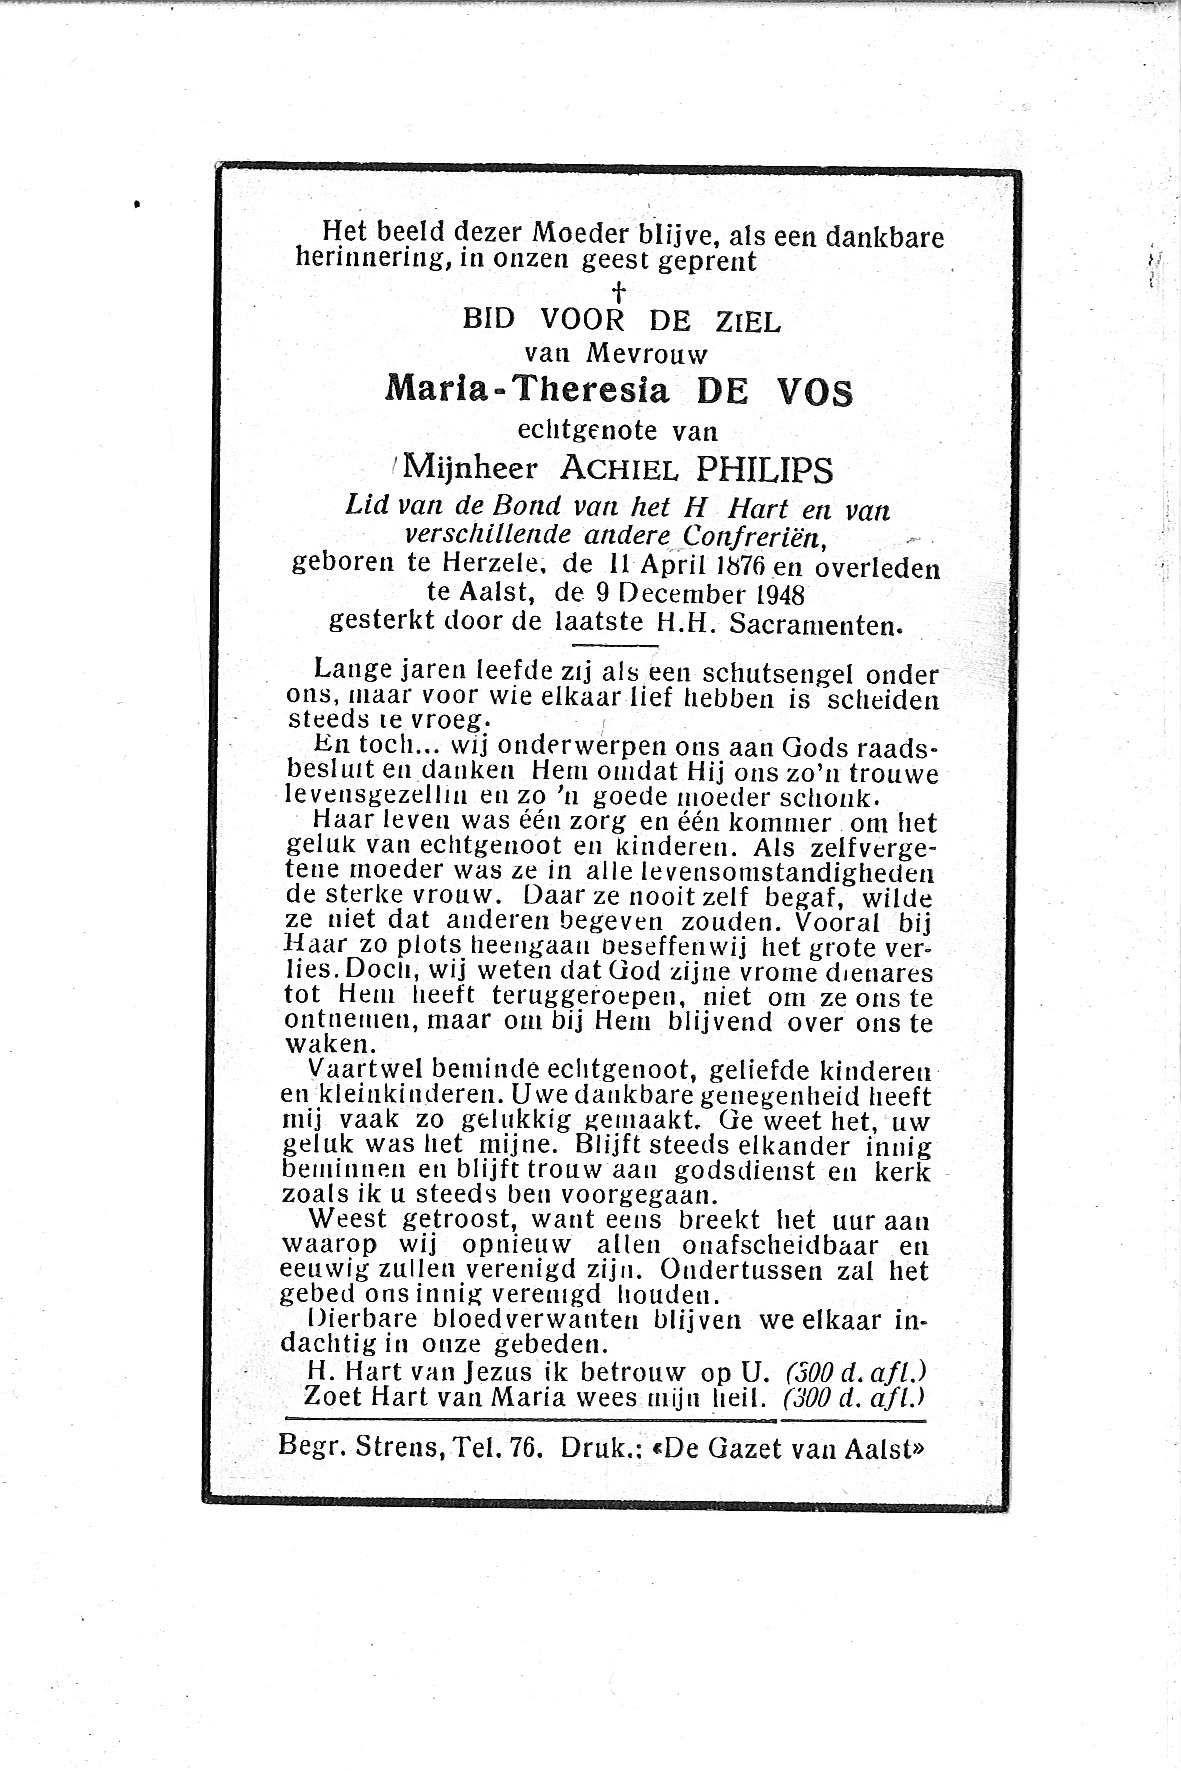 Maria-Theresia (1948) 20120306142406_00108.jpg